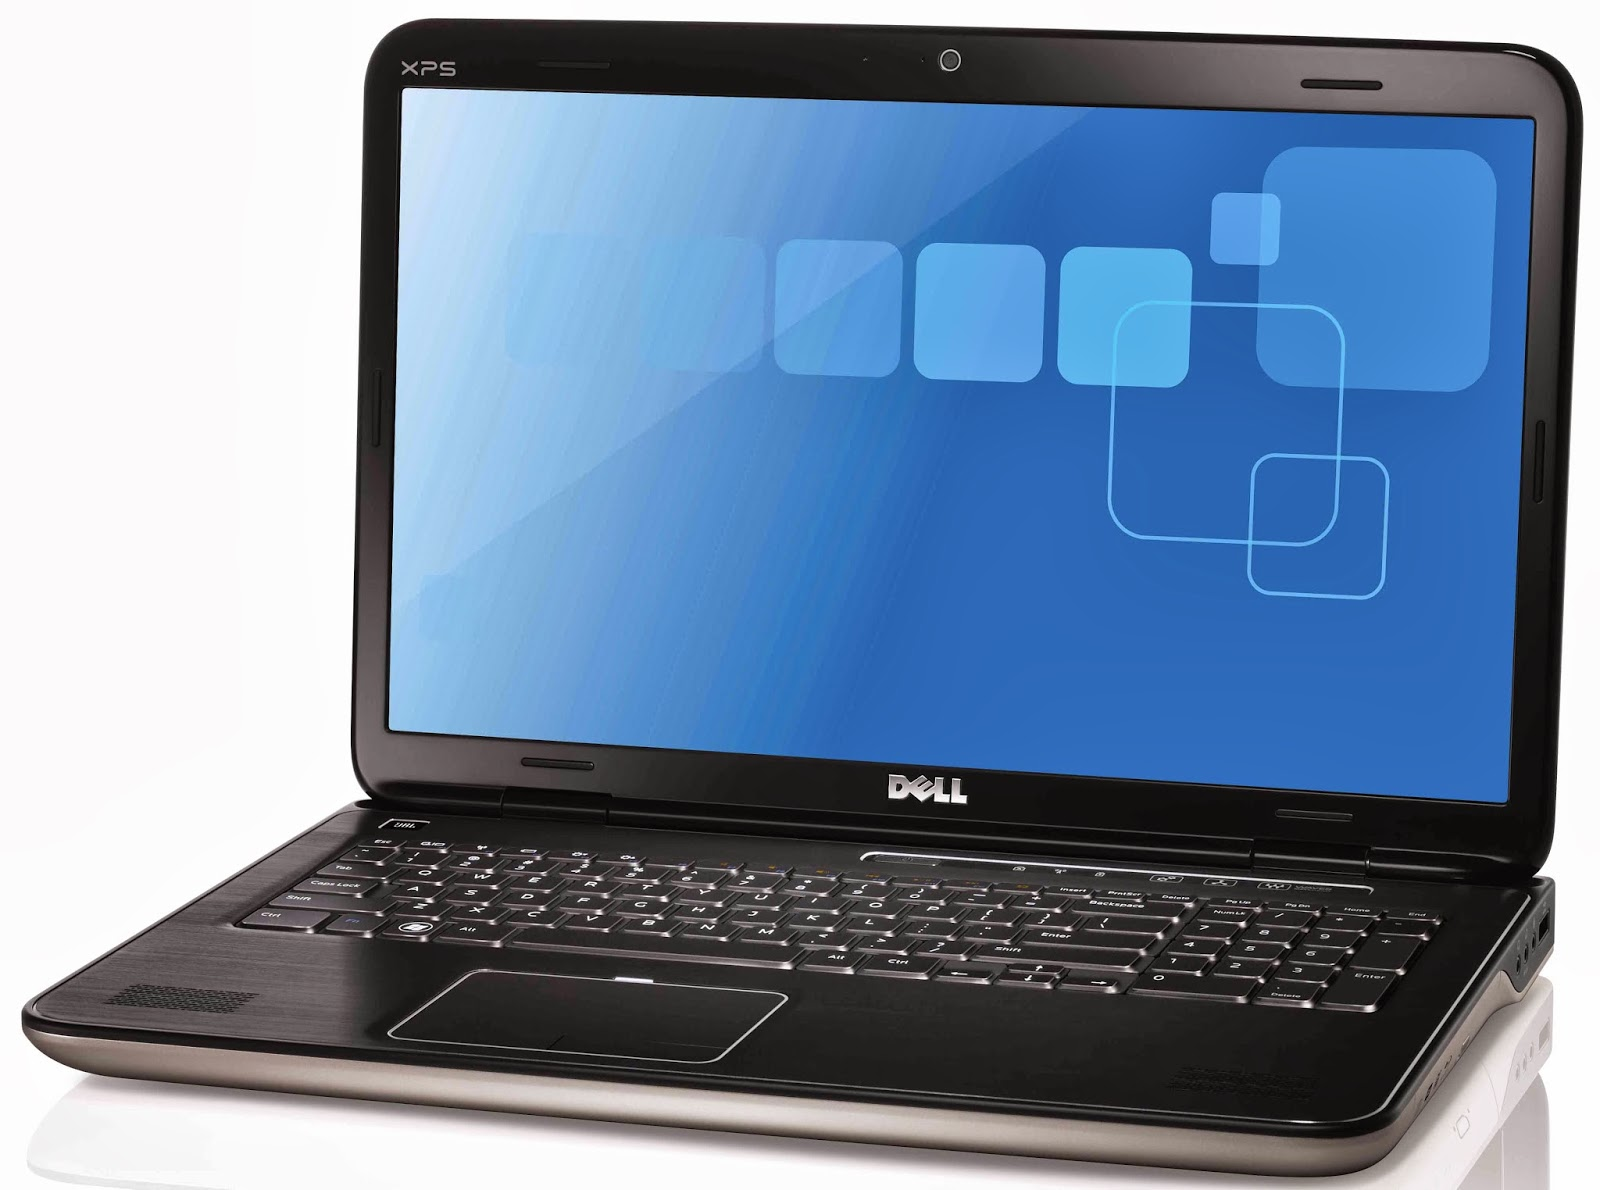 XPS 15: 2.04 kg, 32GB SSD + 1TB HDD, Intel Core i7 processor qHD screen, NFC (3200x1800 pixels).